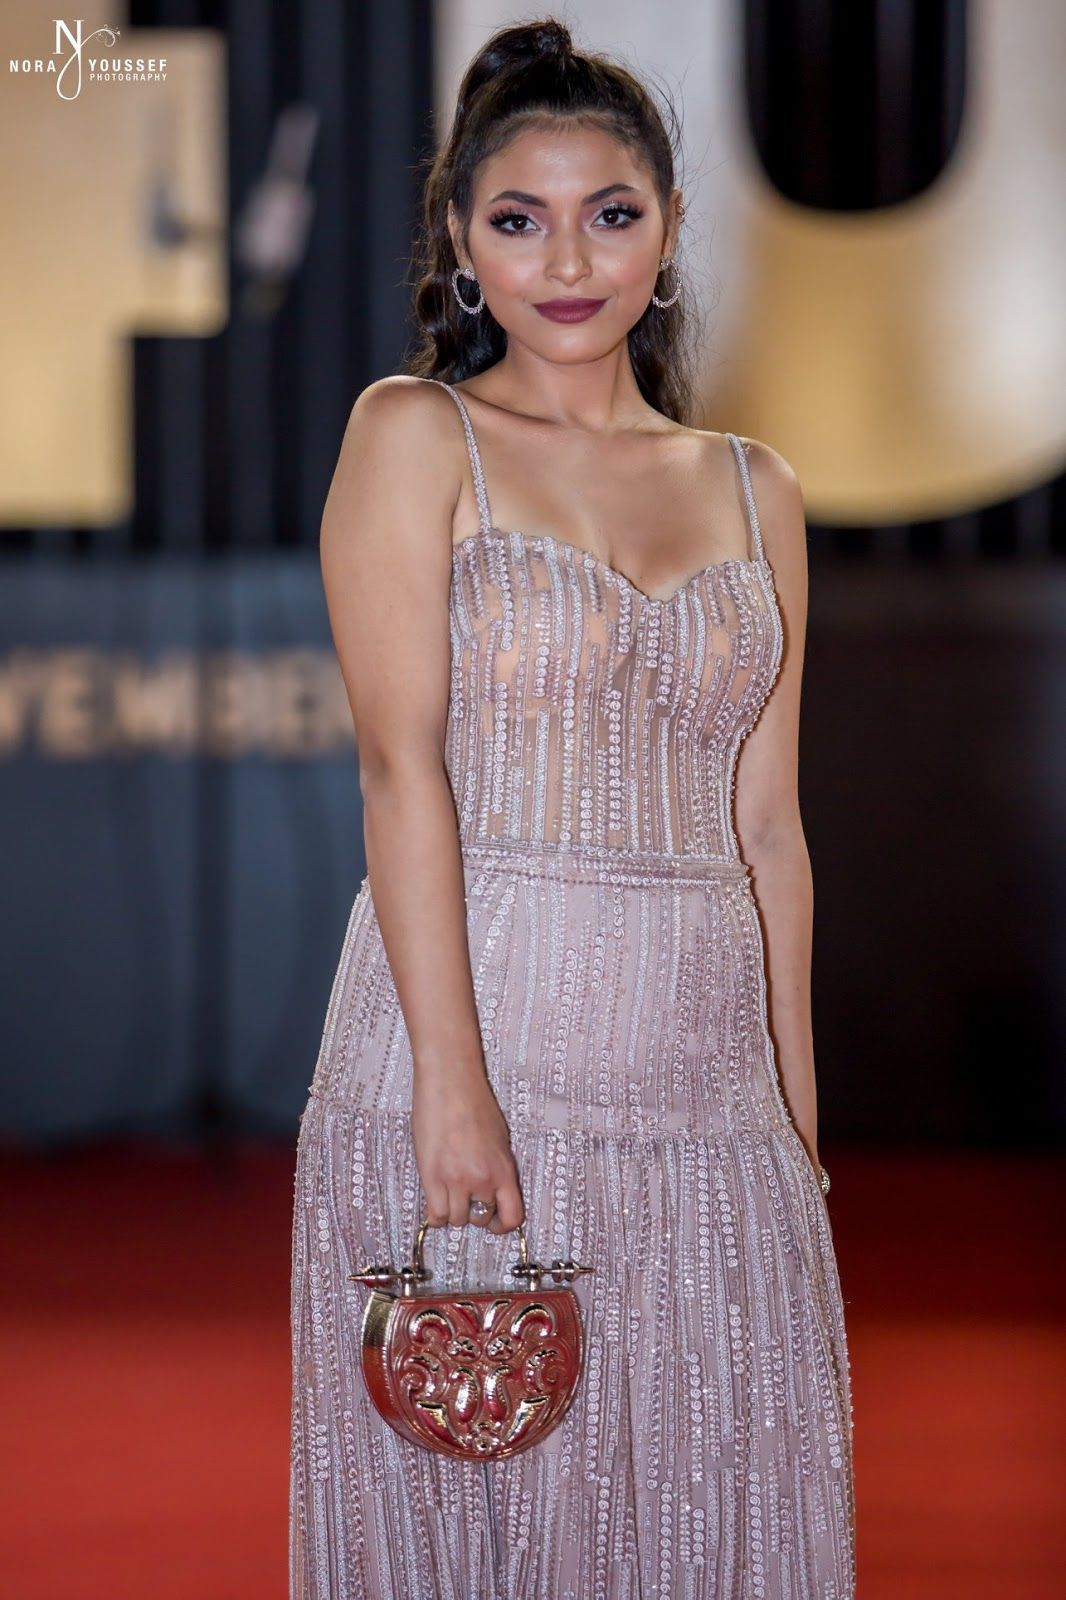 اسخن 40 صورة الفنانات بفساتين عارية وشفافة ومثيرة Egyptian Actress Sleeveless Formal Dress Formal Dresses